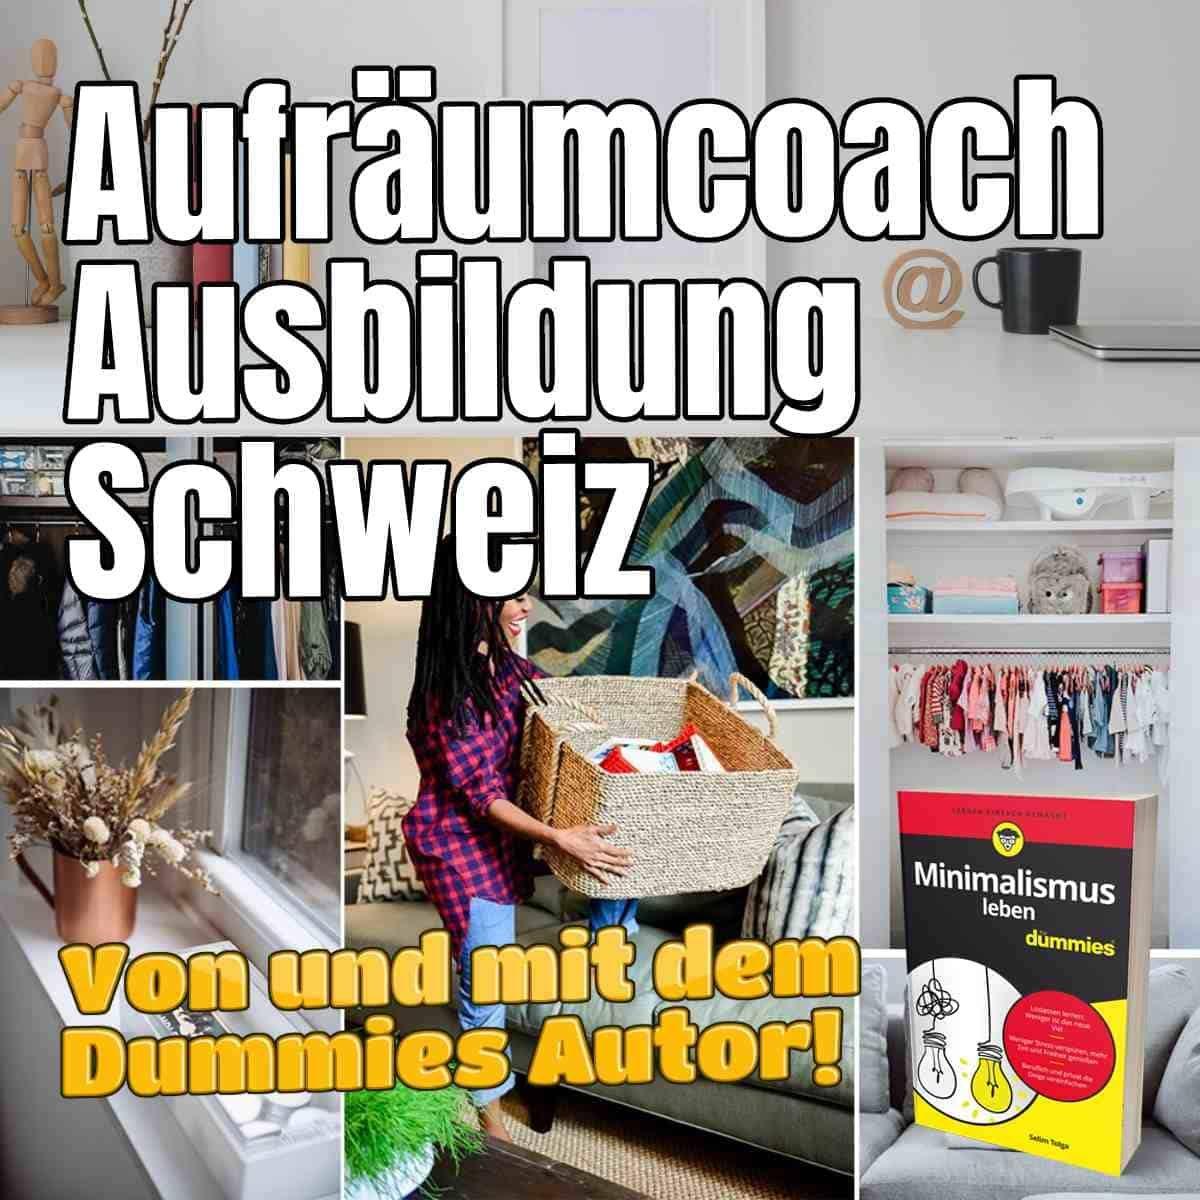 Aufräumcoach Ausbildung Schweiz